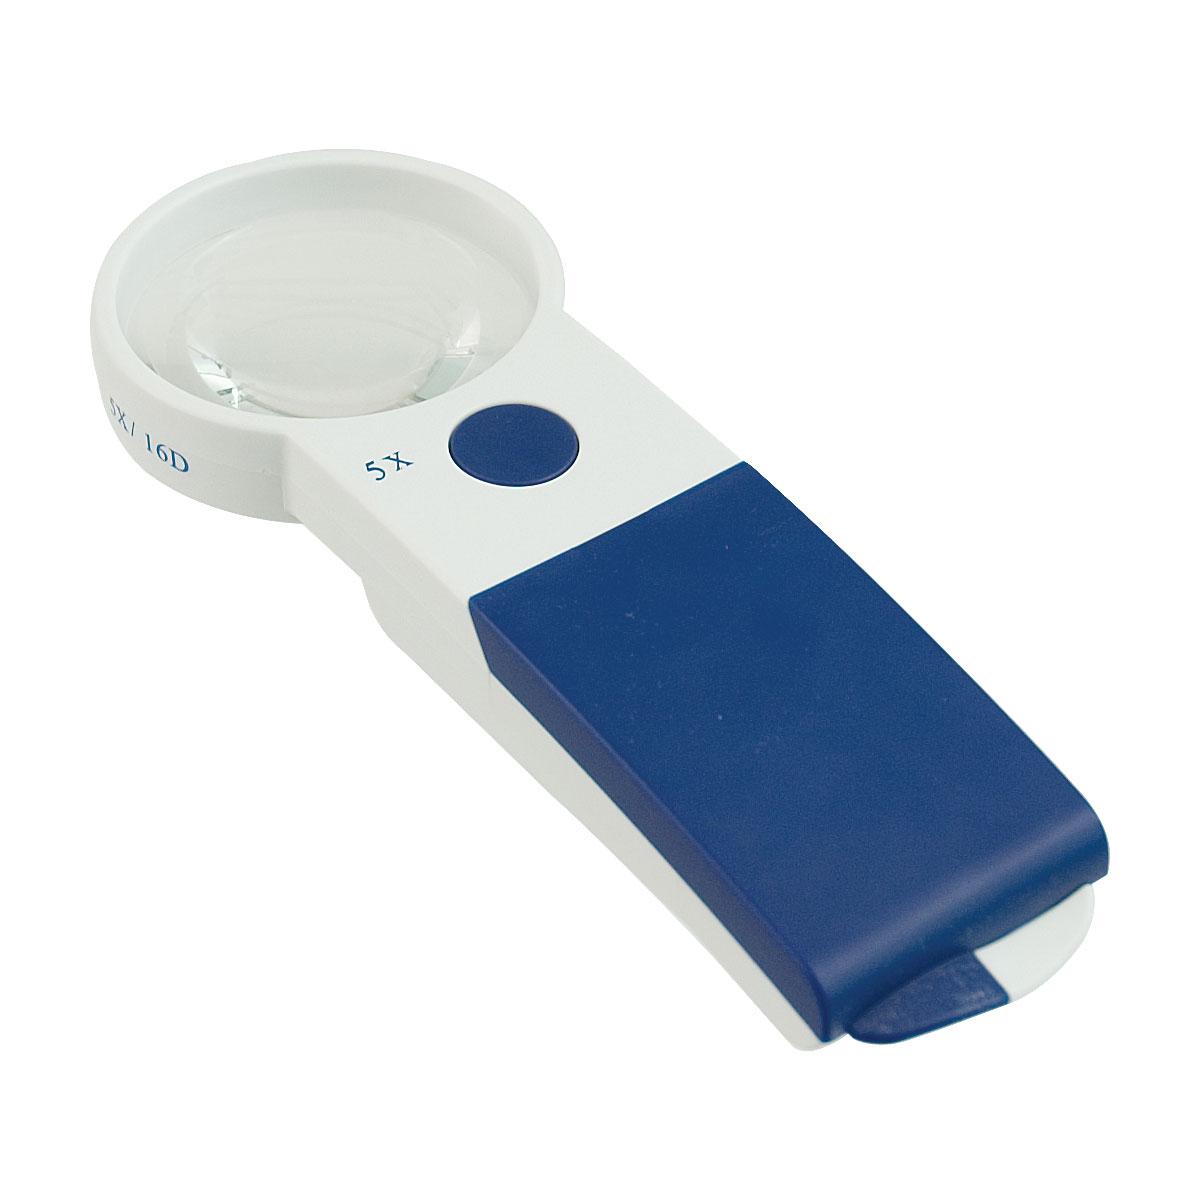 Reizen EZ Touch 5X 16D LED Handheld Magnifier - Round Lens 60mm